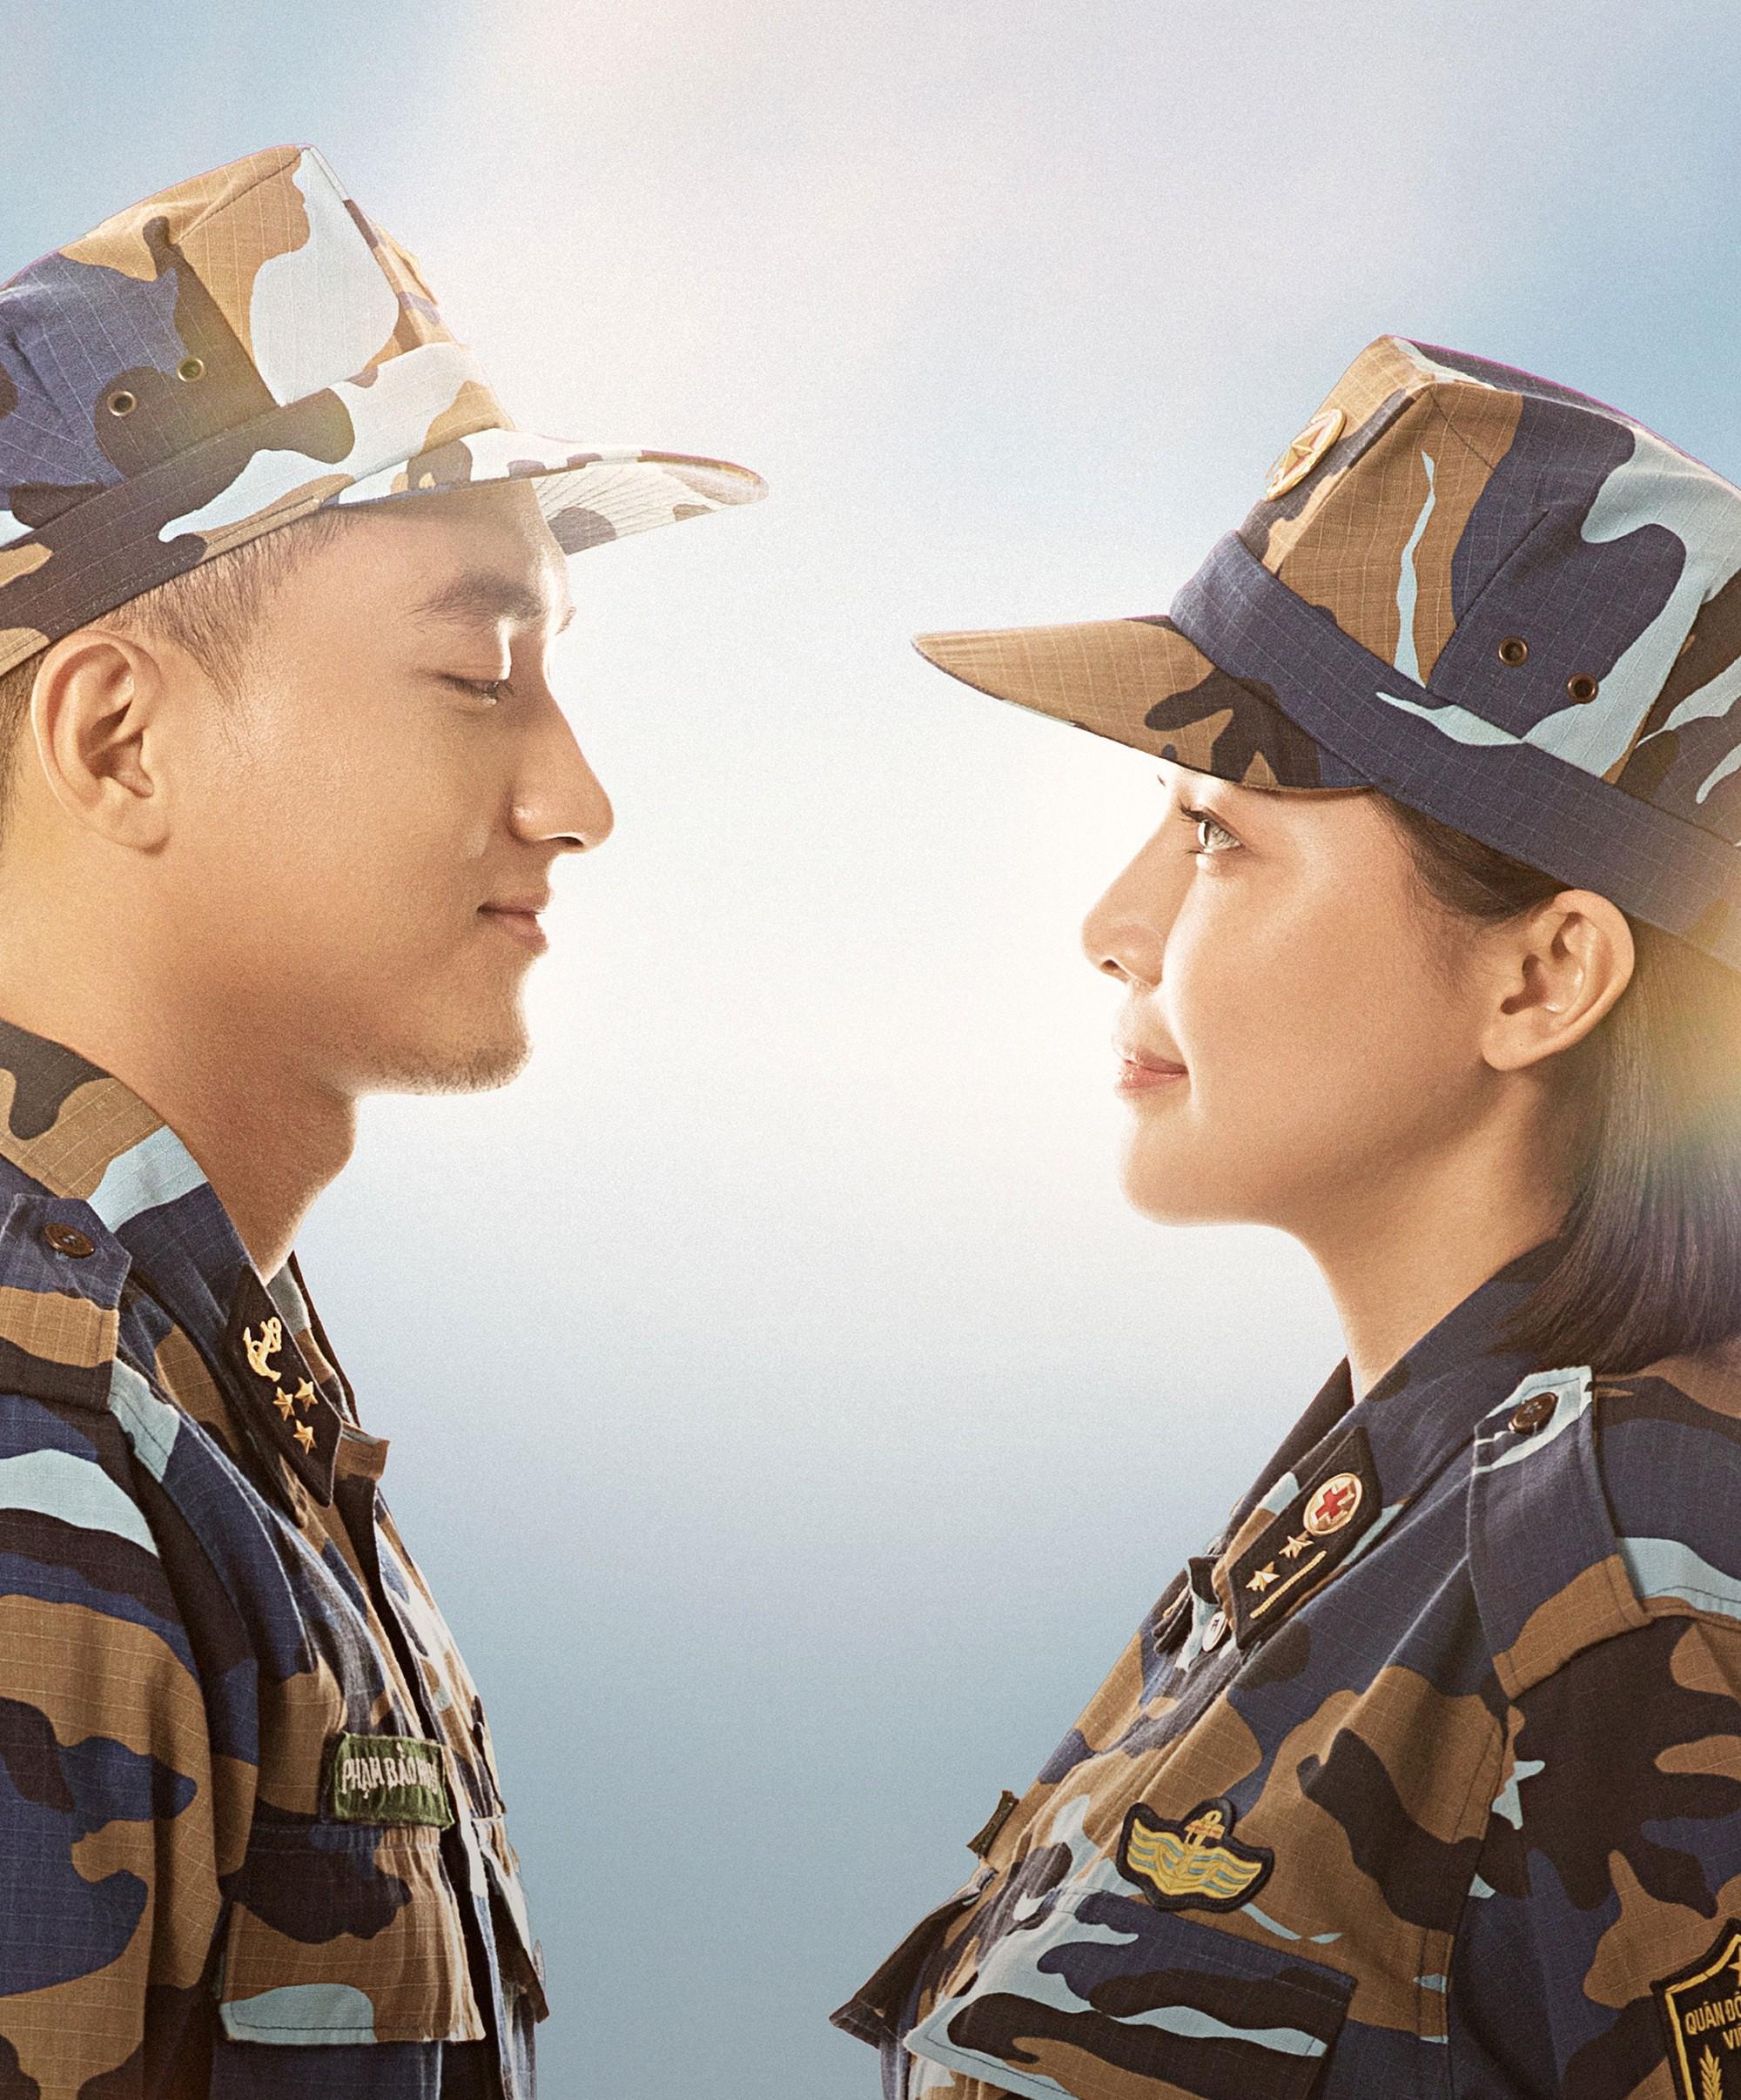 Chính thức: Khả Ngân và Song Luân là nam nữ chính của Hậu Duệ Mặt Trời bản Việt - Ảnh 5.